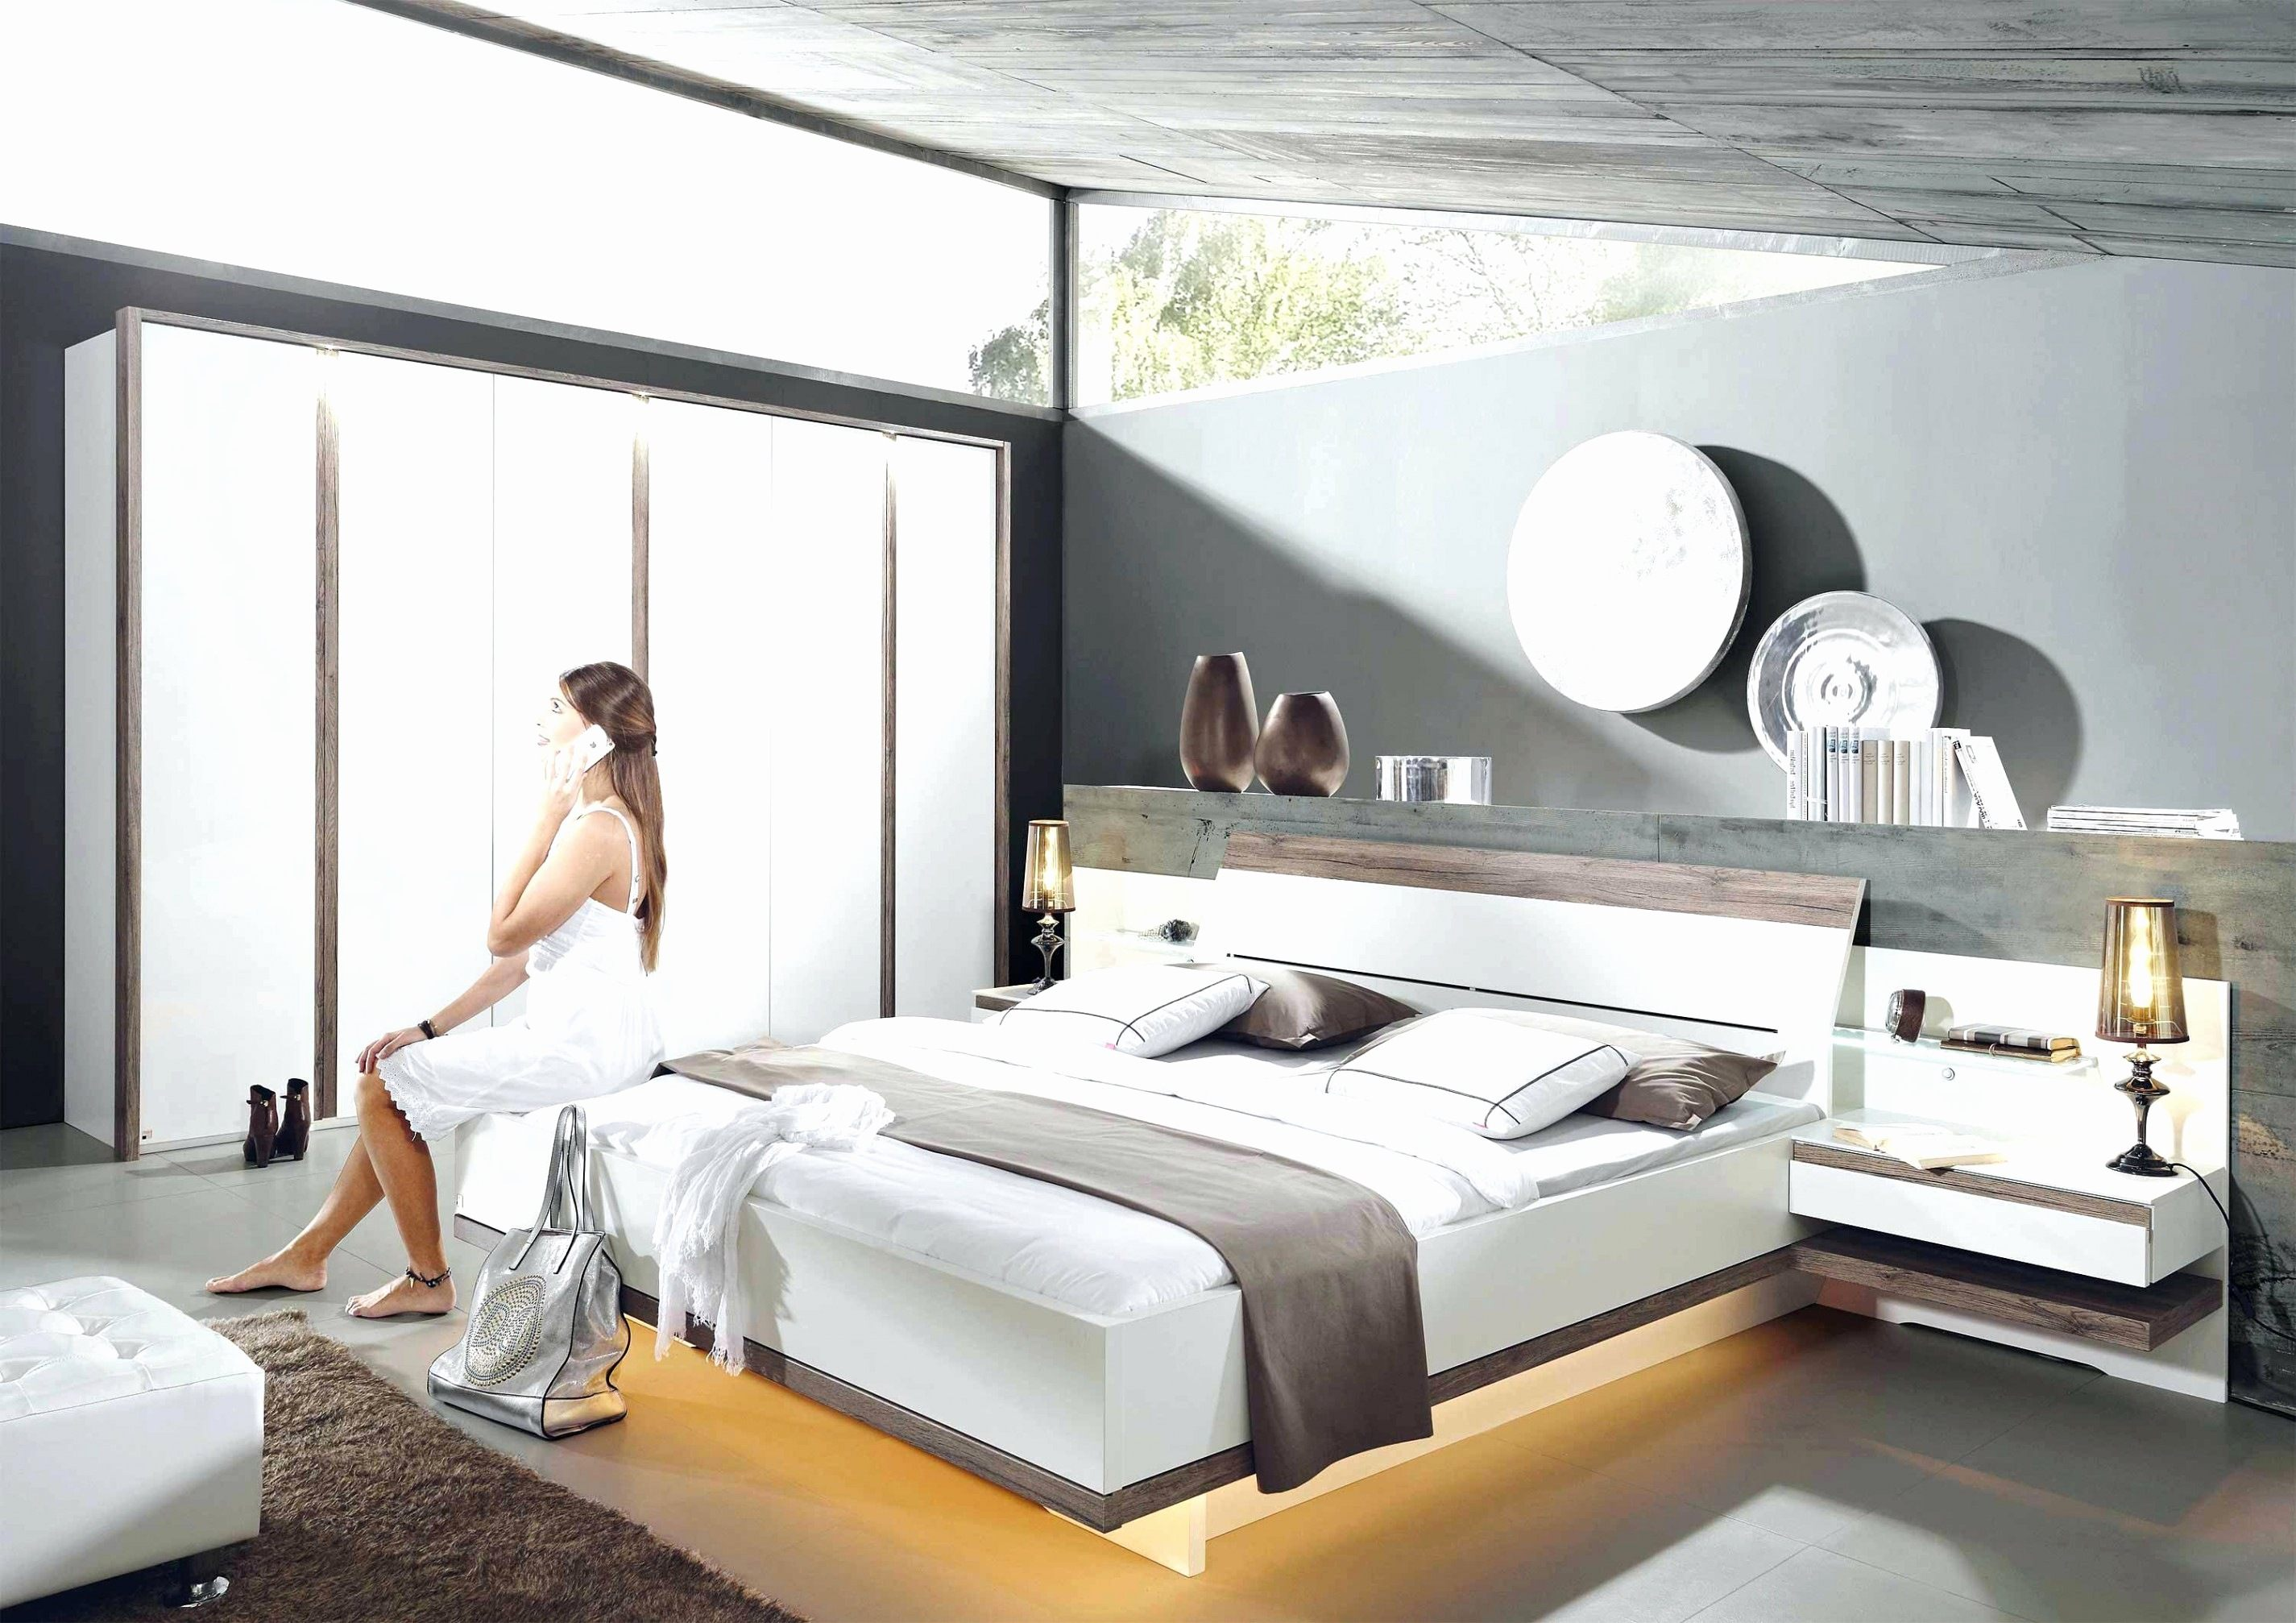 Ikea Lit sommier Beau Lit 160×200 Frais Doppelbett 180—200 Innen Ikea Vallavik Lit sommier